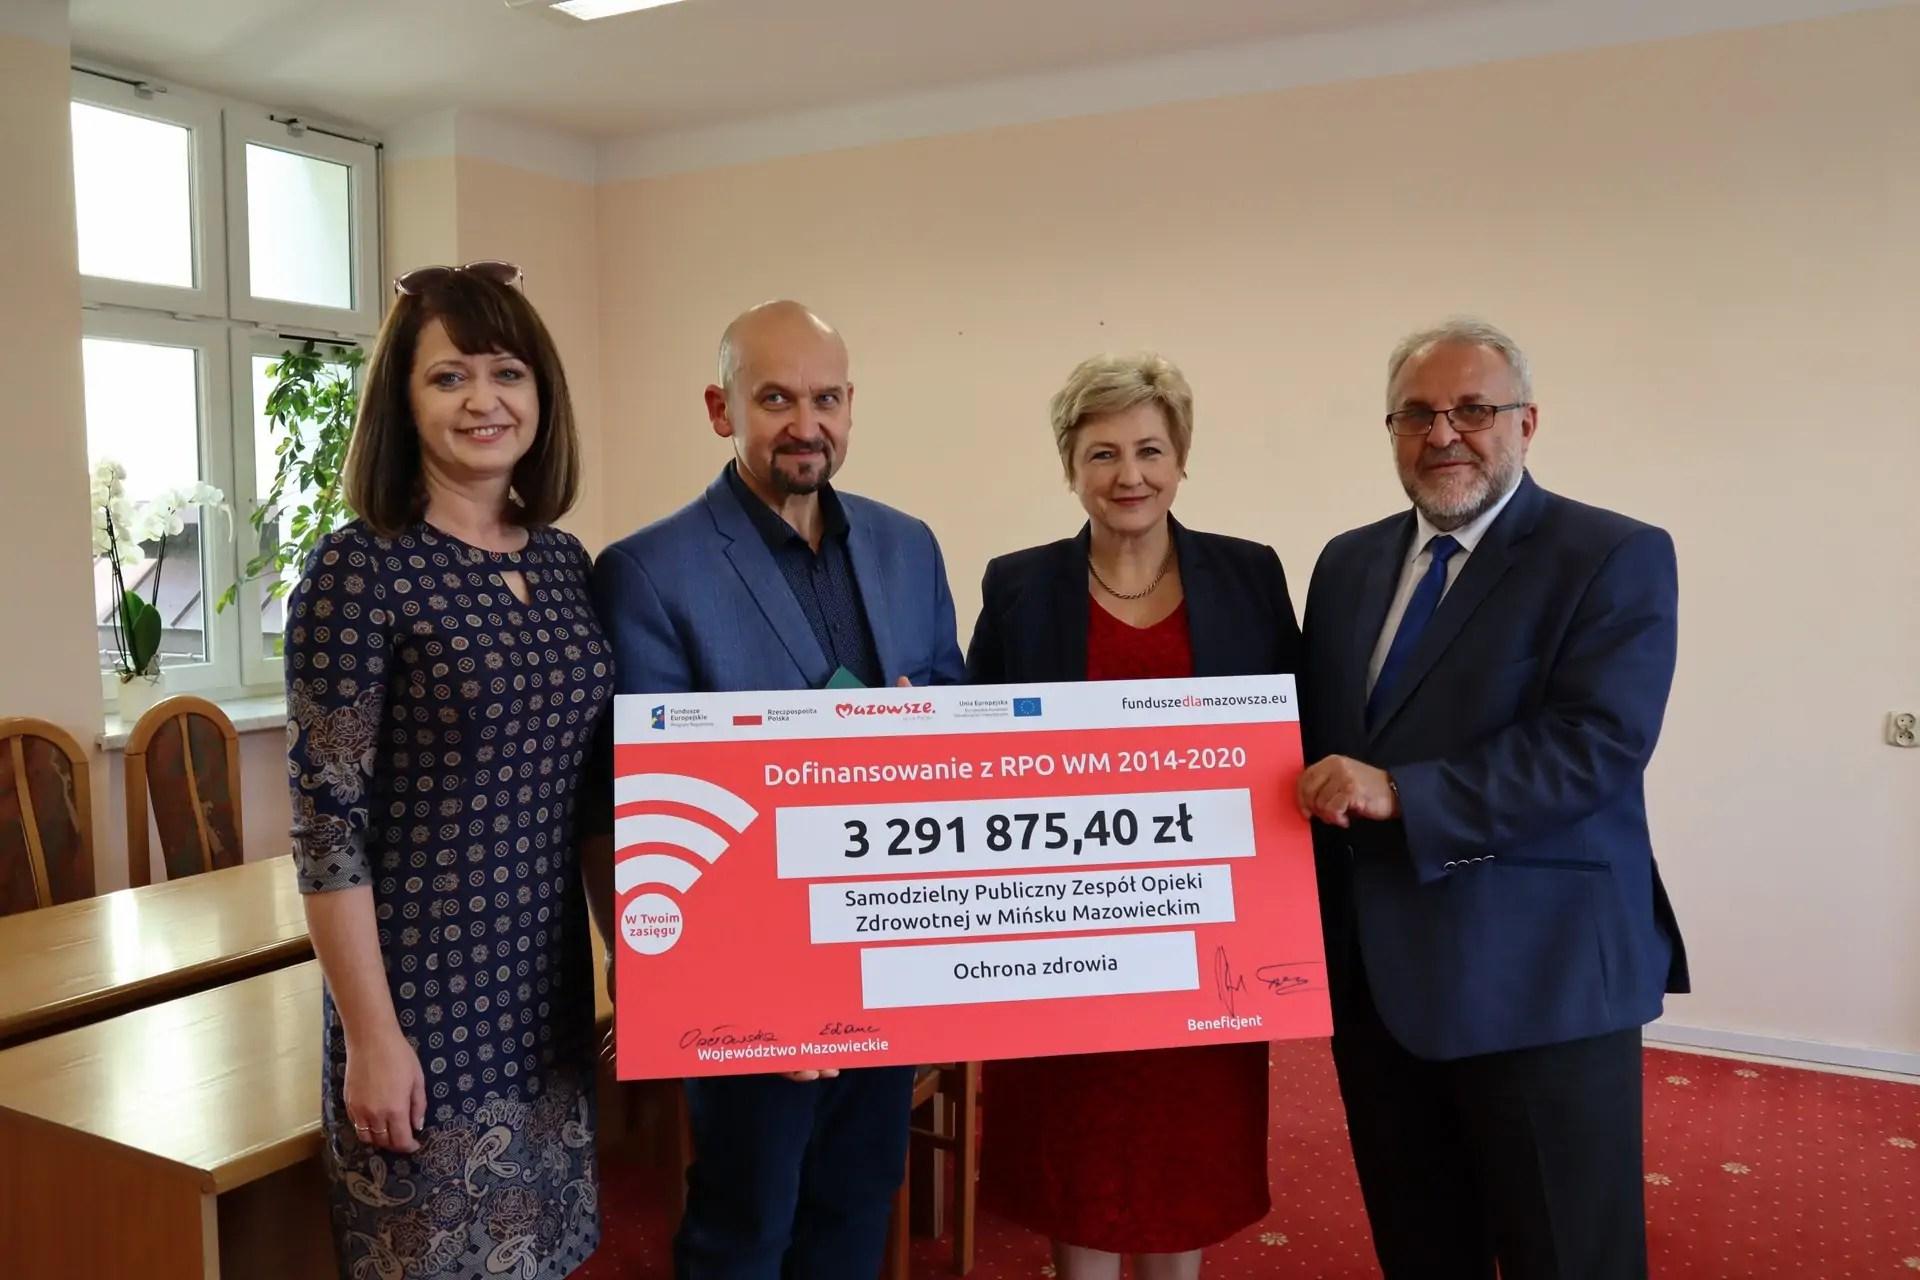 Nowoczesny sprzęt medyczny w SPZOZ w Mińsku Mazowieckim